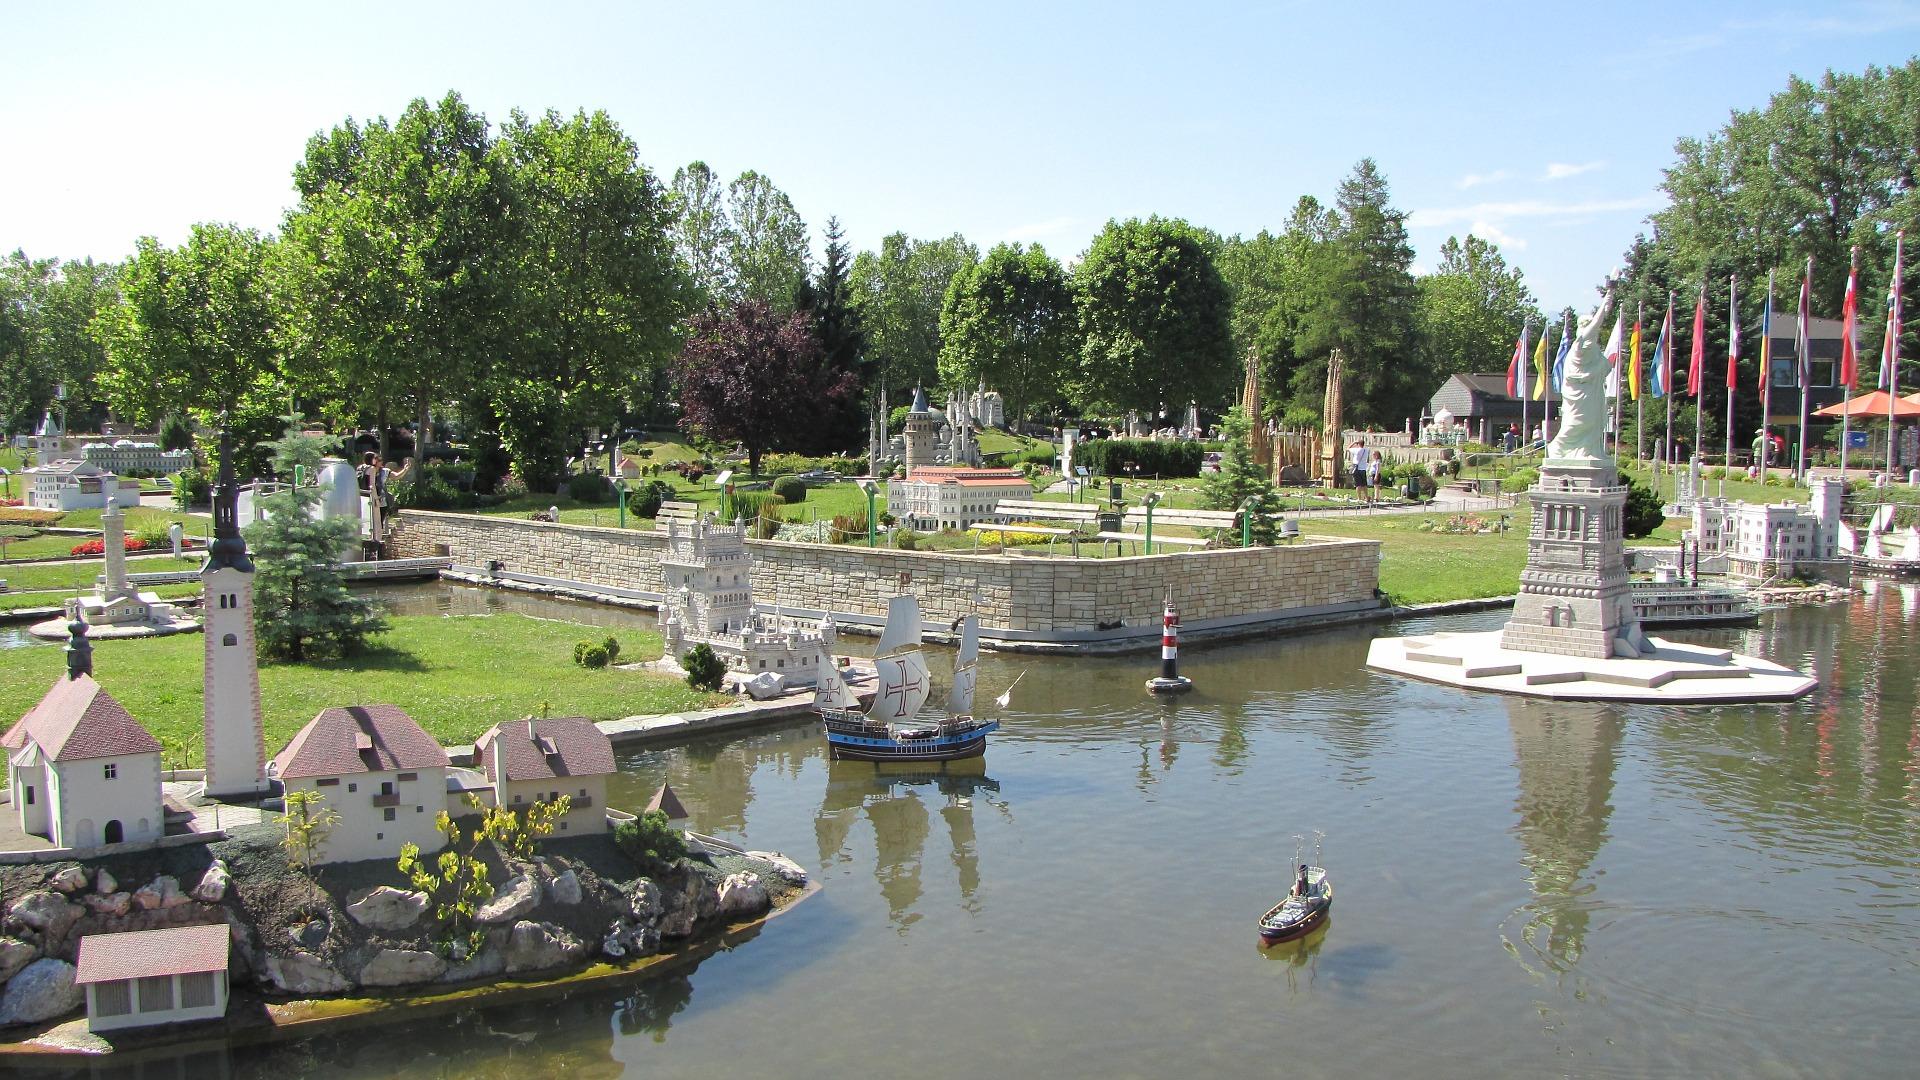 Klagenfurt bietet Radfahrern tolle Ausflugsmöglichkeiten wie den Erlebnispark Minimundus